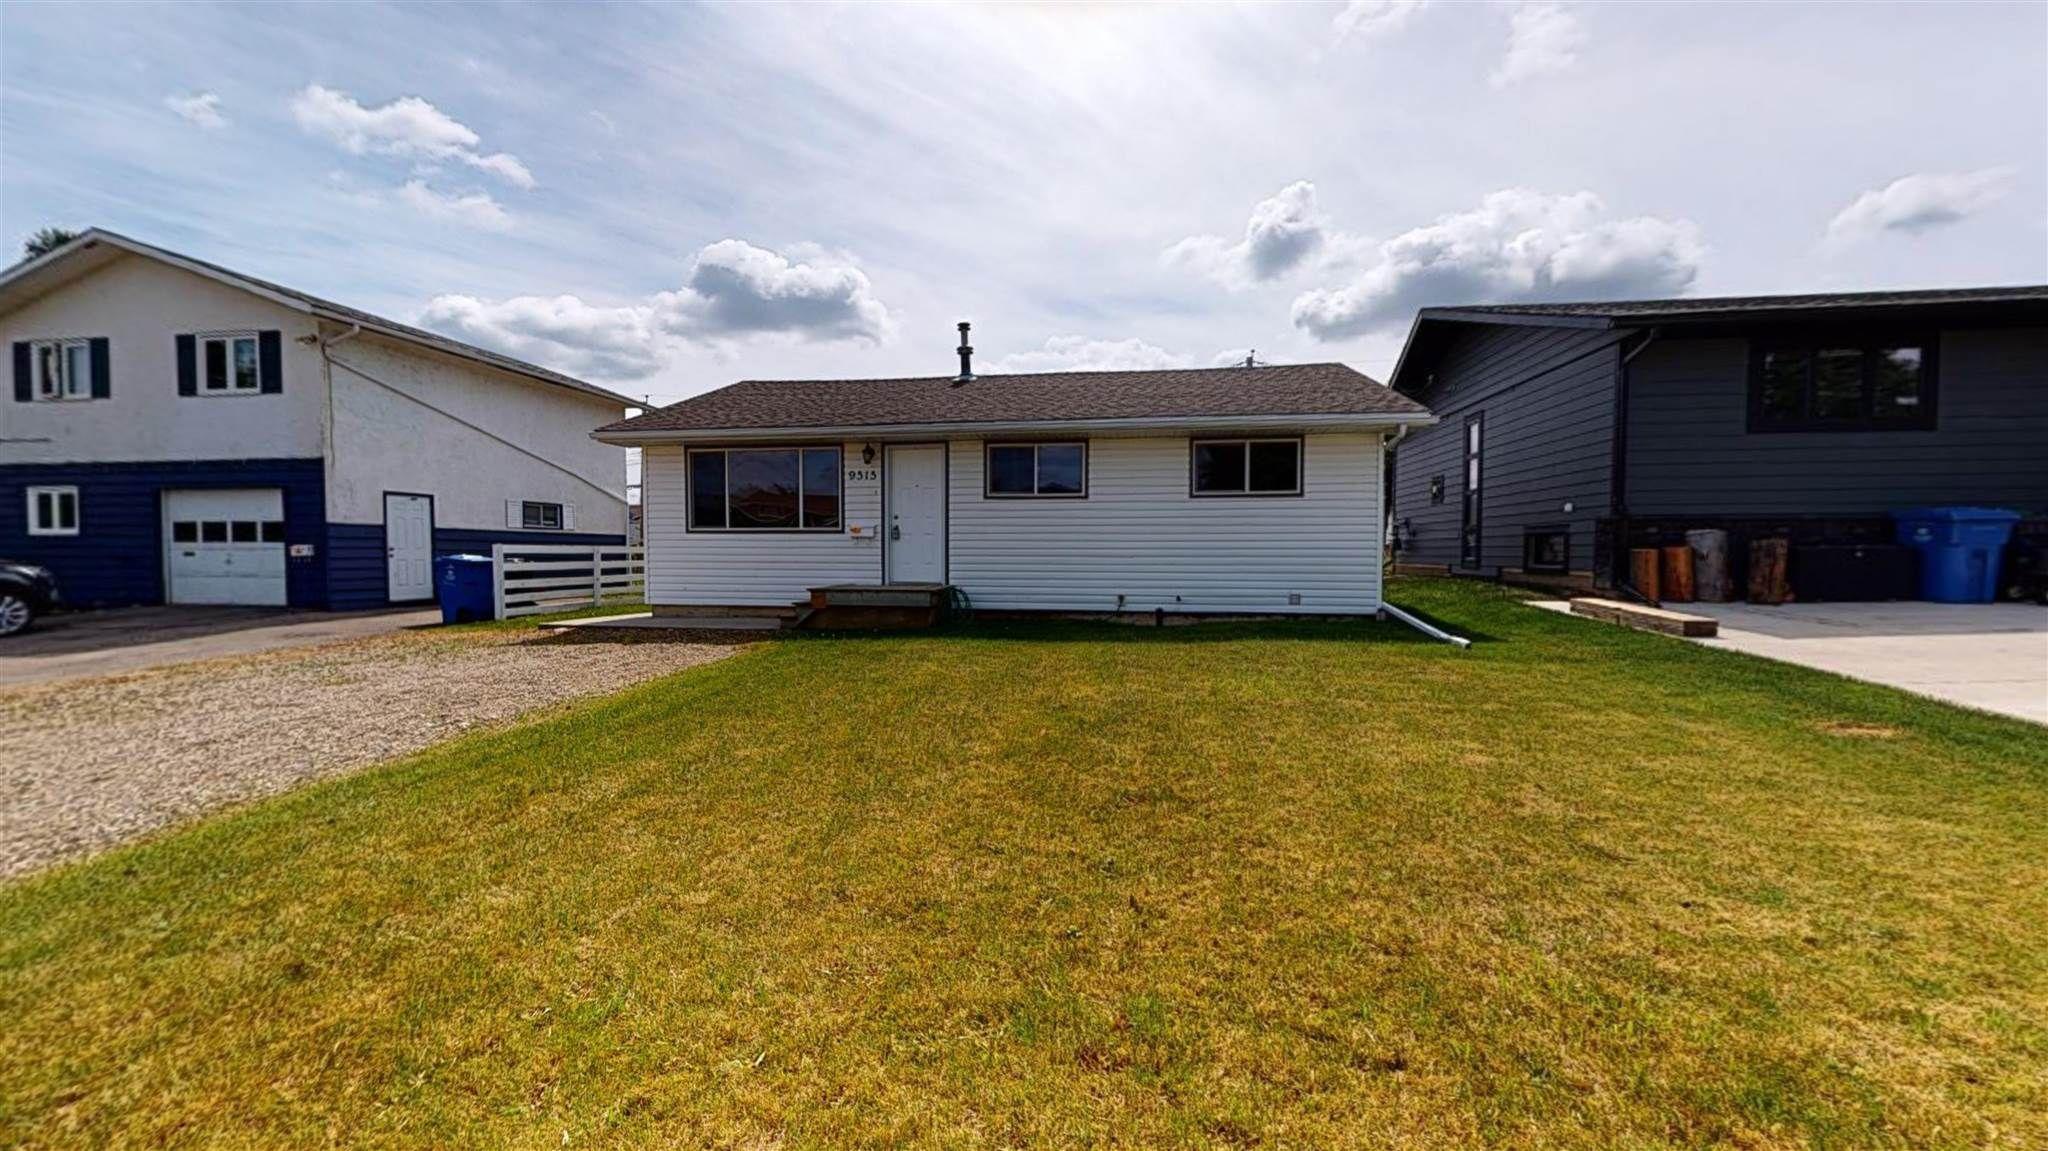 Main Photo: 9515 105 Avenue in Fort St. John: Fort St. John - City NE House for sale (Fort St. John (Zone 60))  : MLS®# R2596593